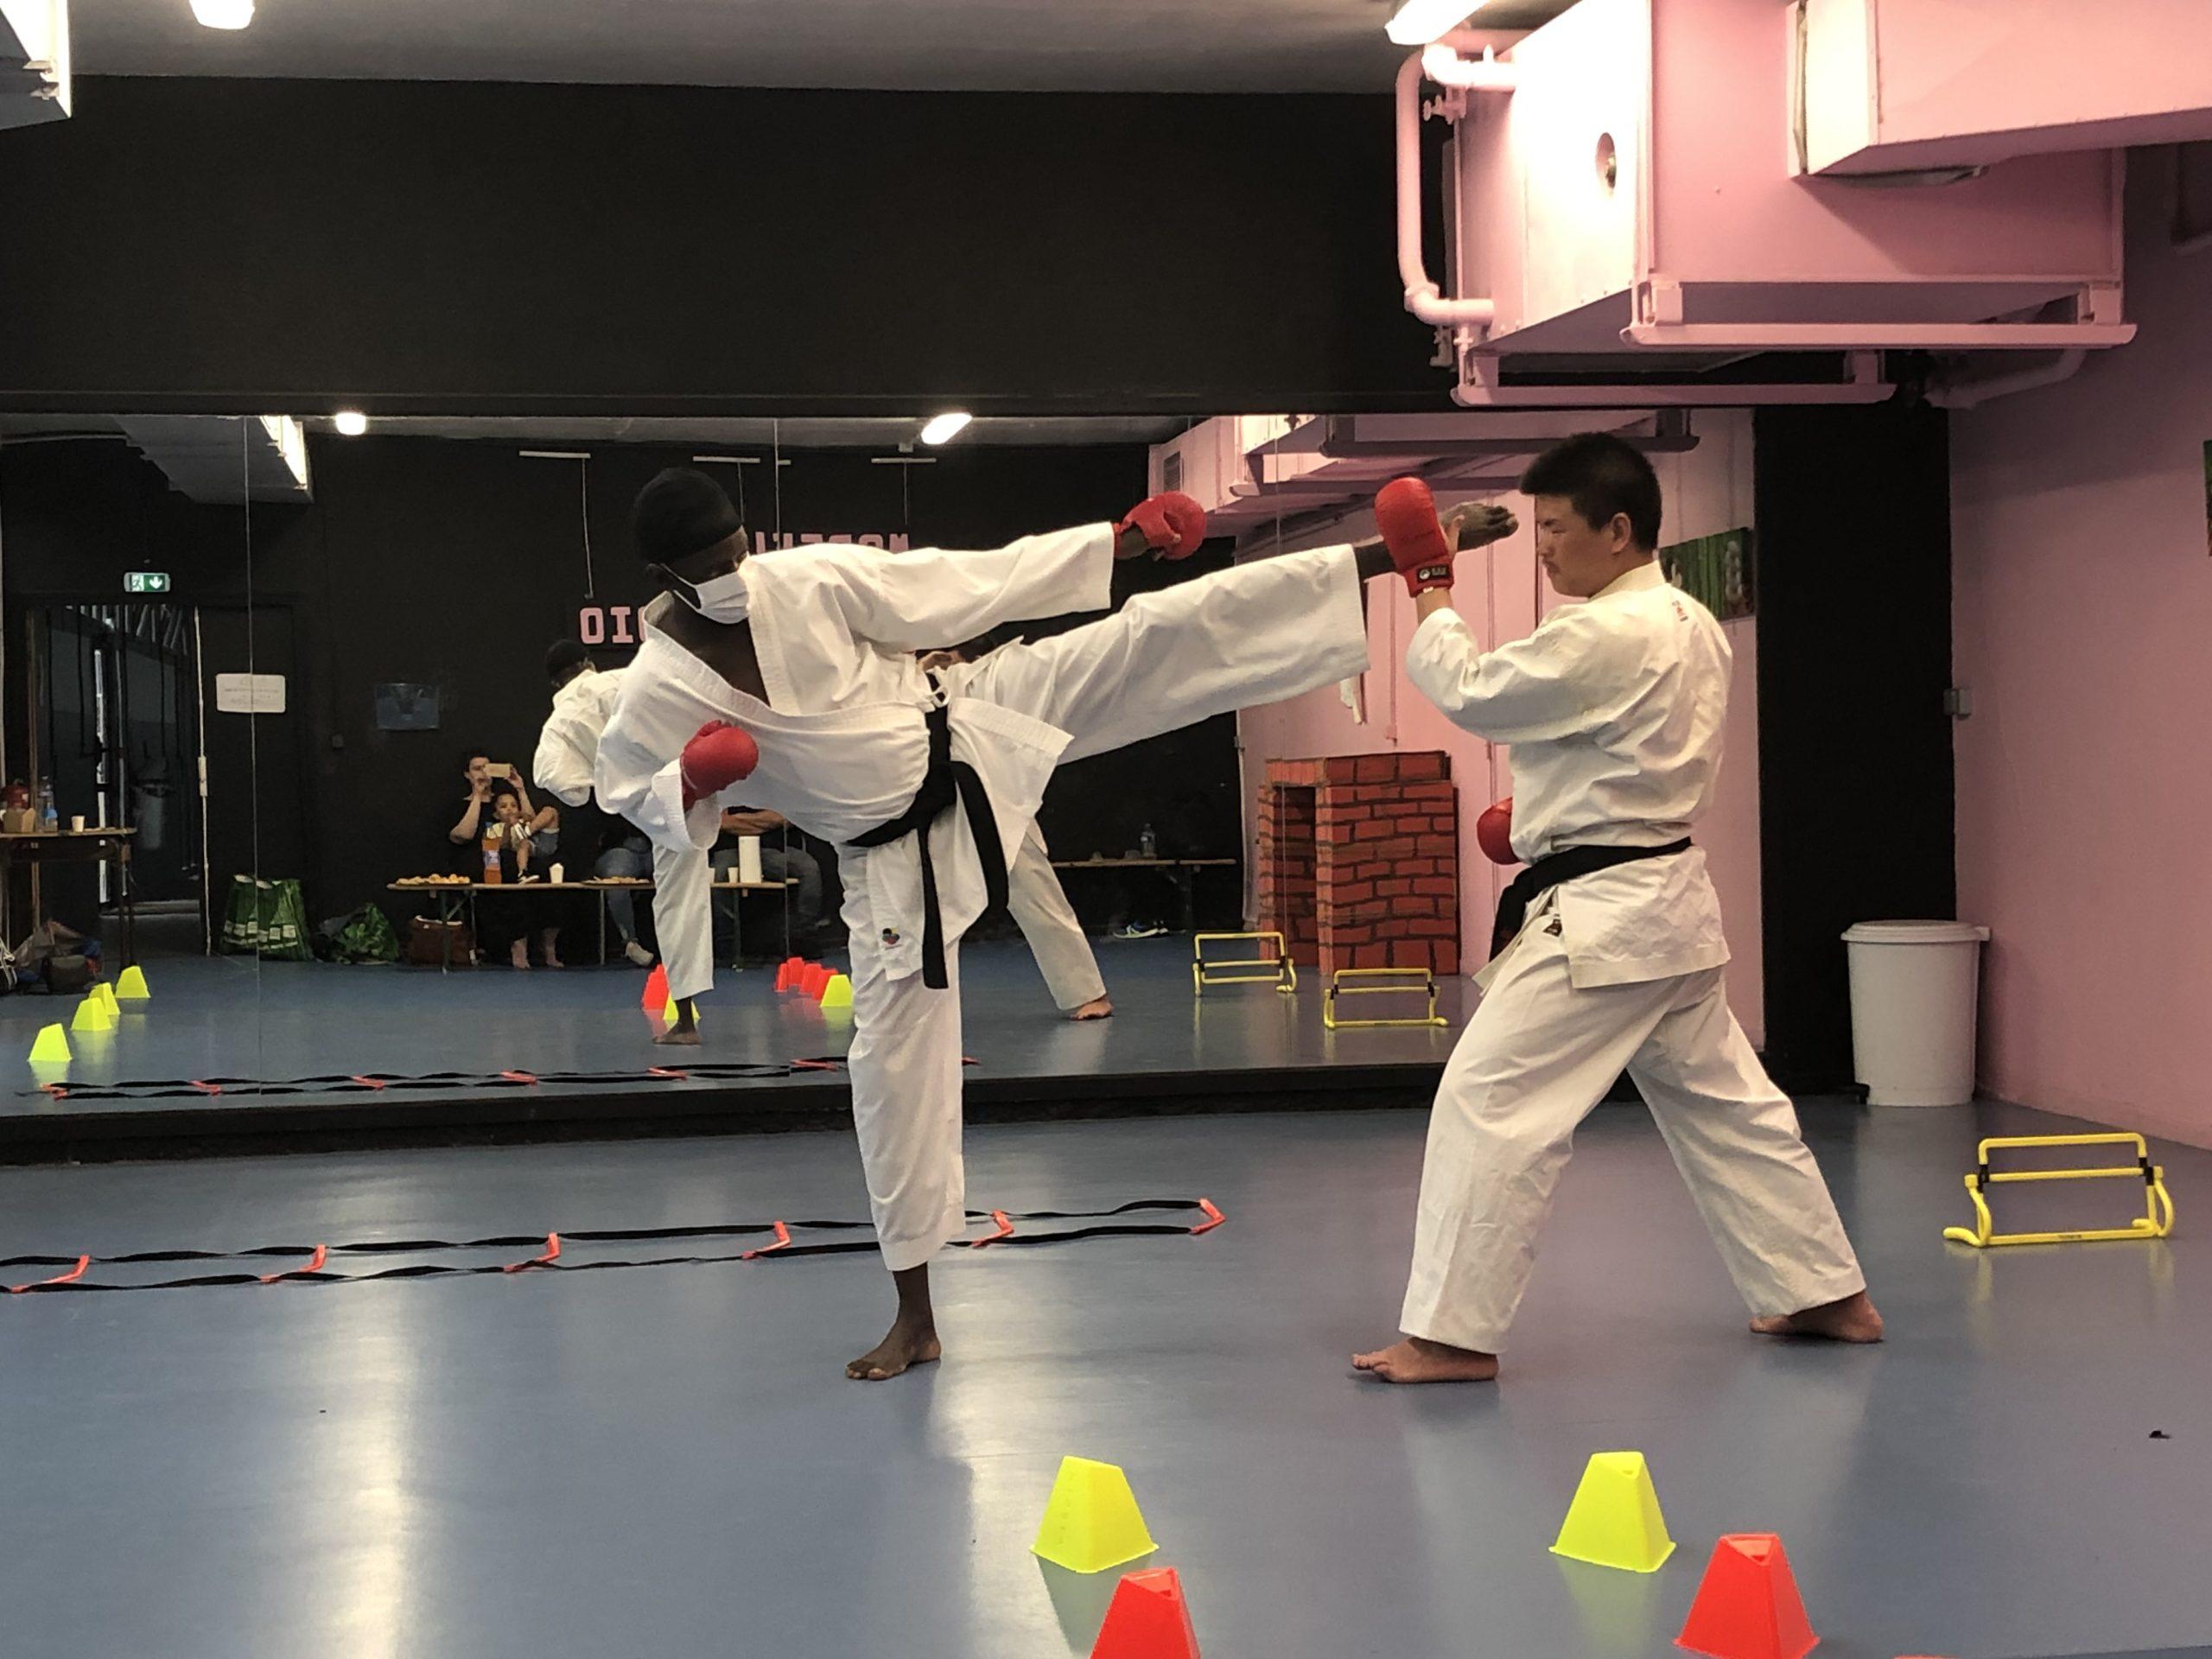 KARATE: Shotokan karate is coming to Amiens!